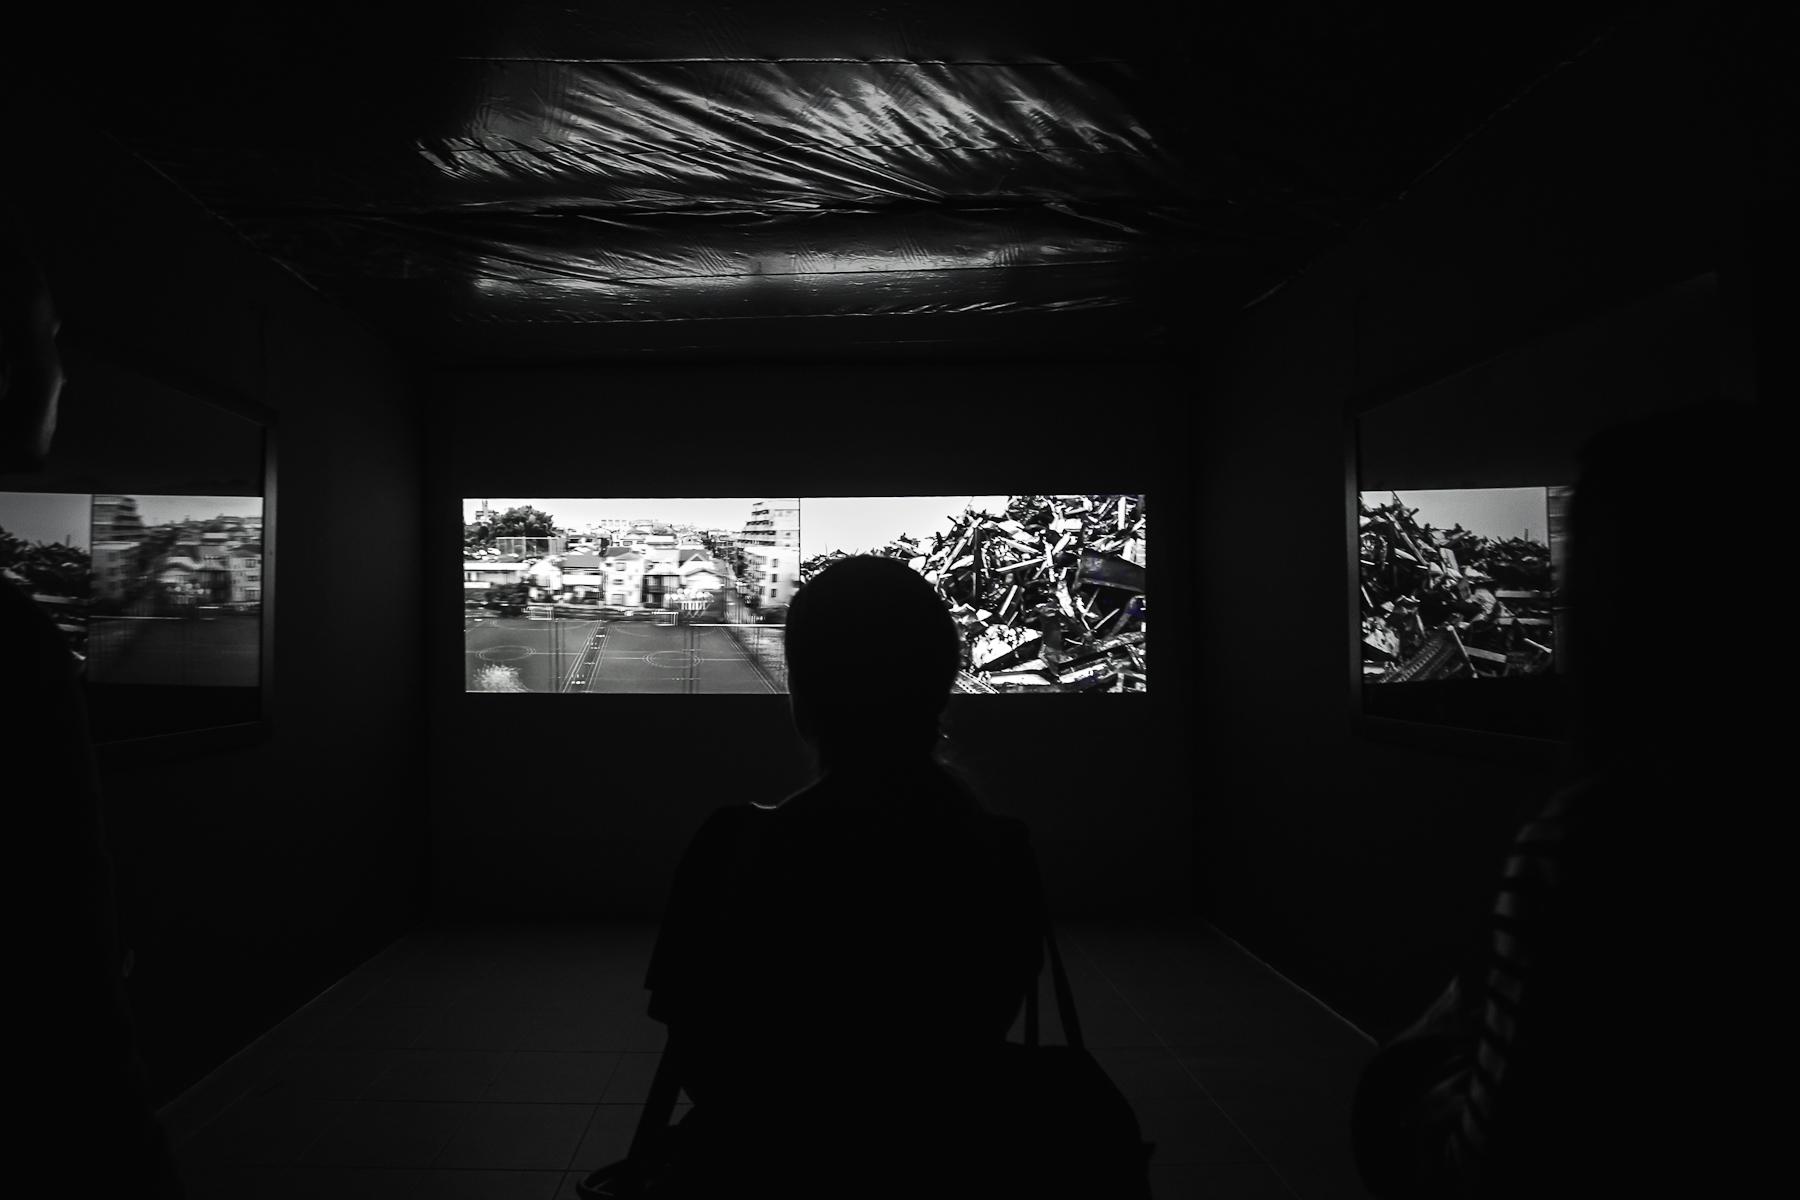 Angelika Markul, Welcome toFukushima, instalacja - fotografie, 126,5 x 164 cm, video 06 32, 2013, dzięki uprzejmości artystki igalerii Leto